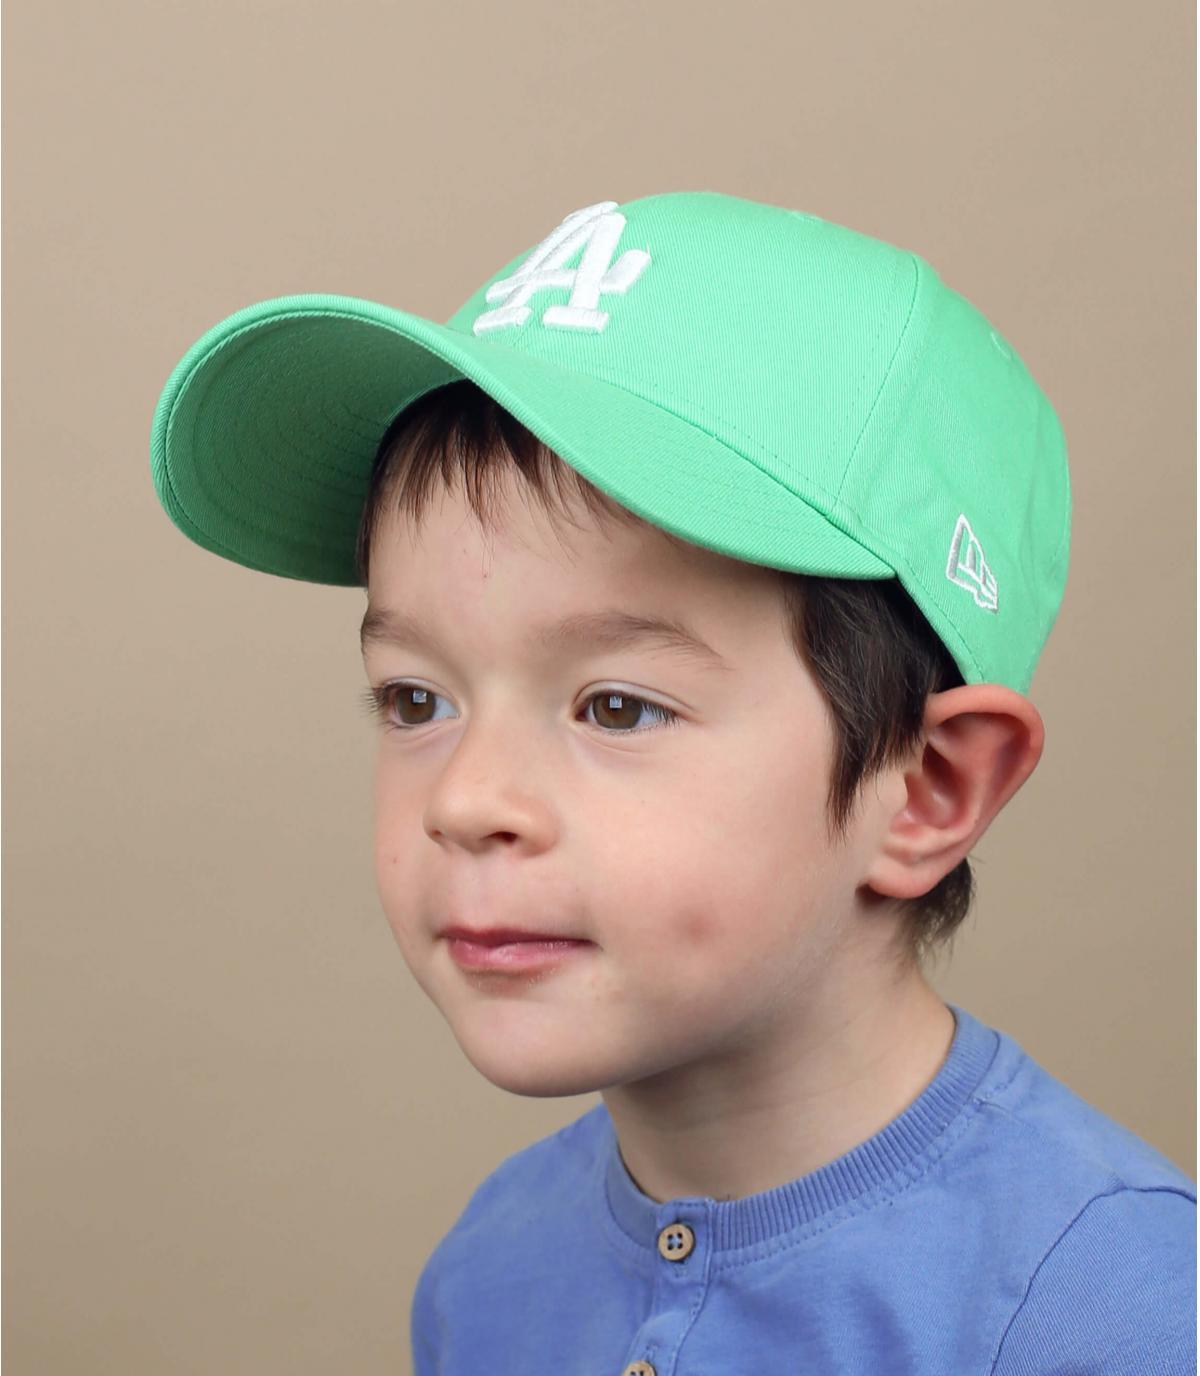 casquette LA enfant bleu vert